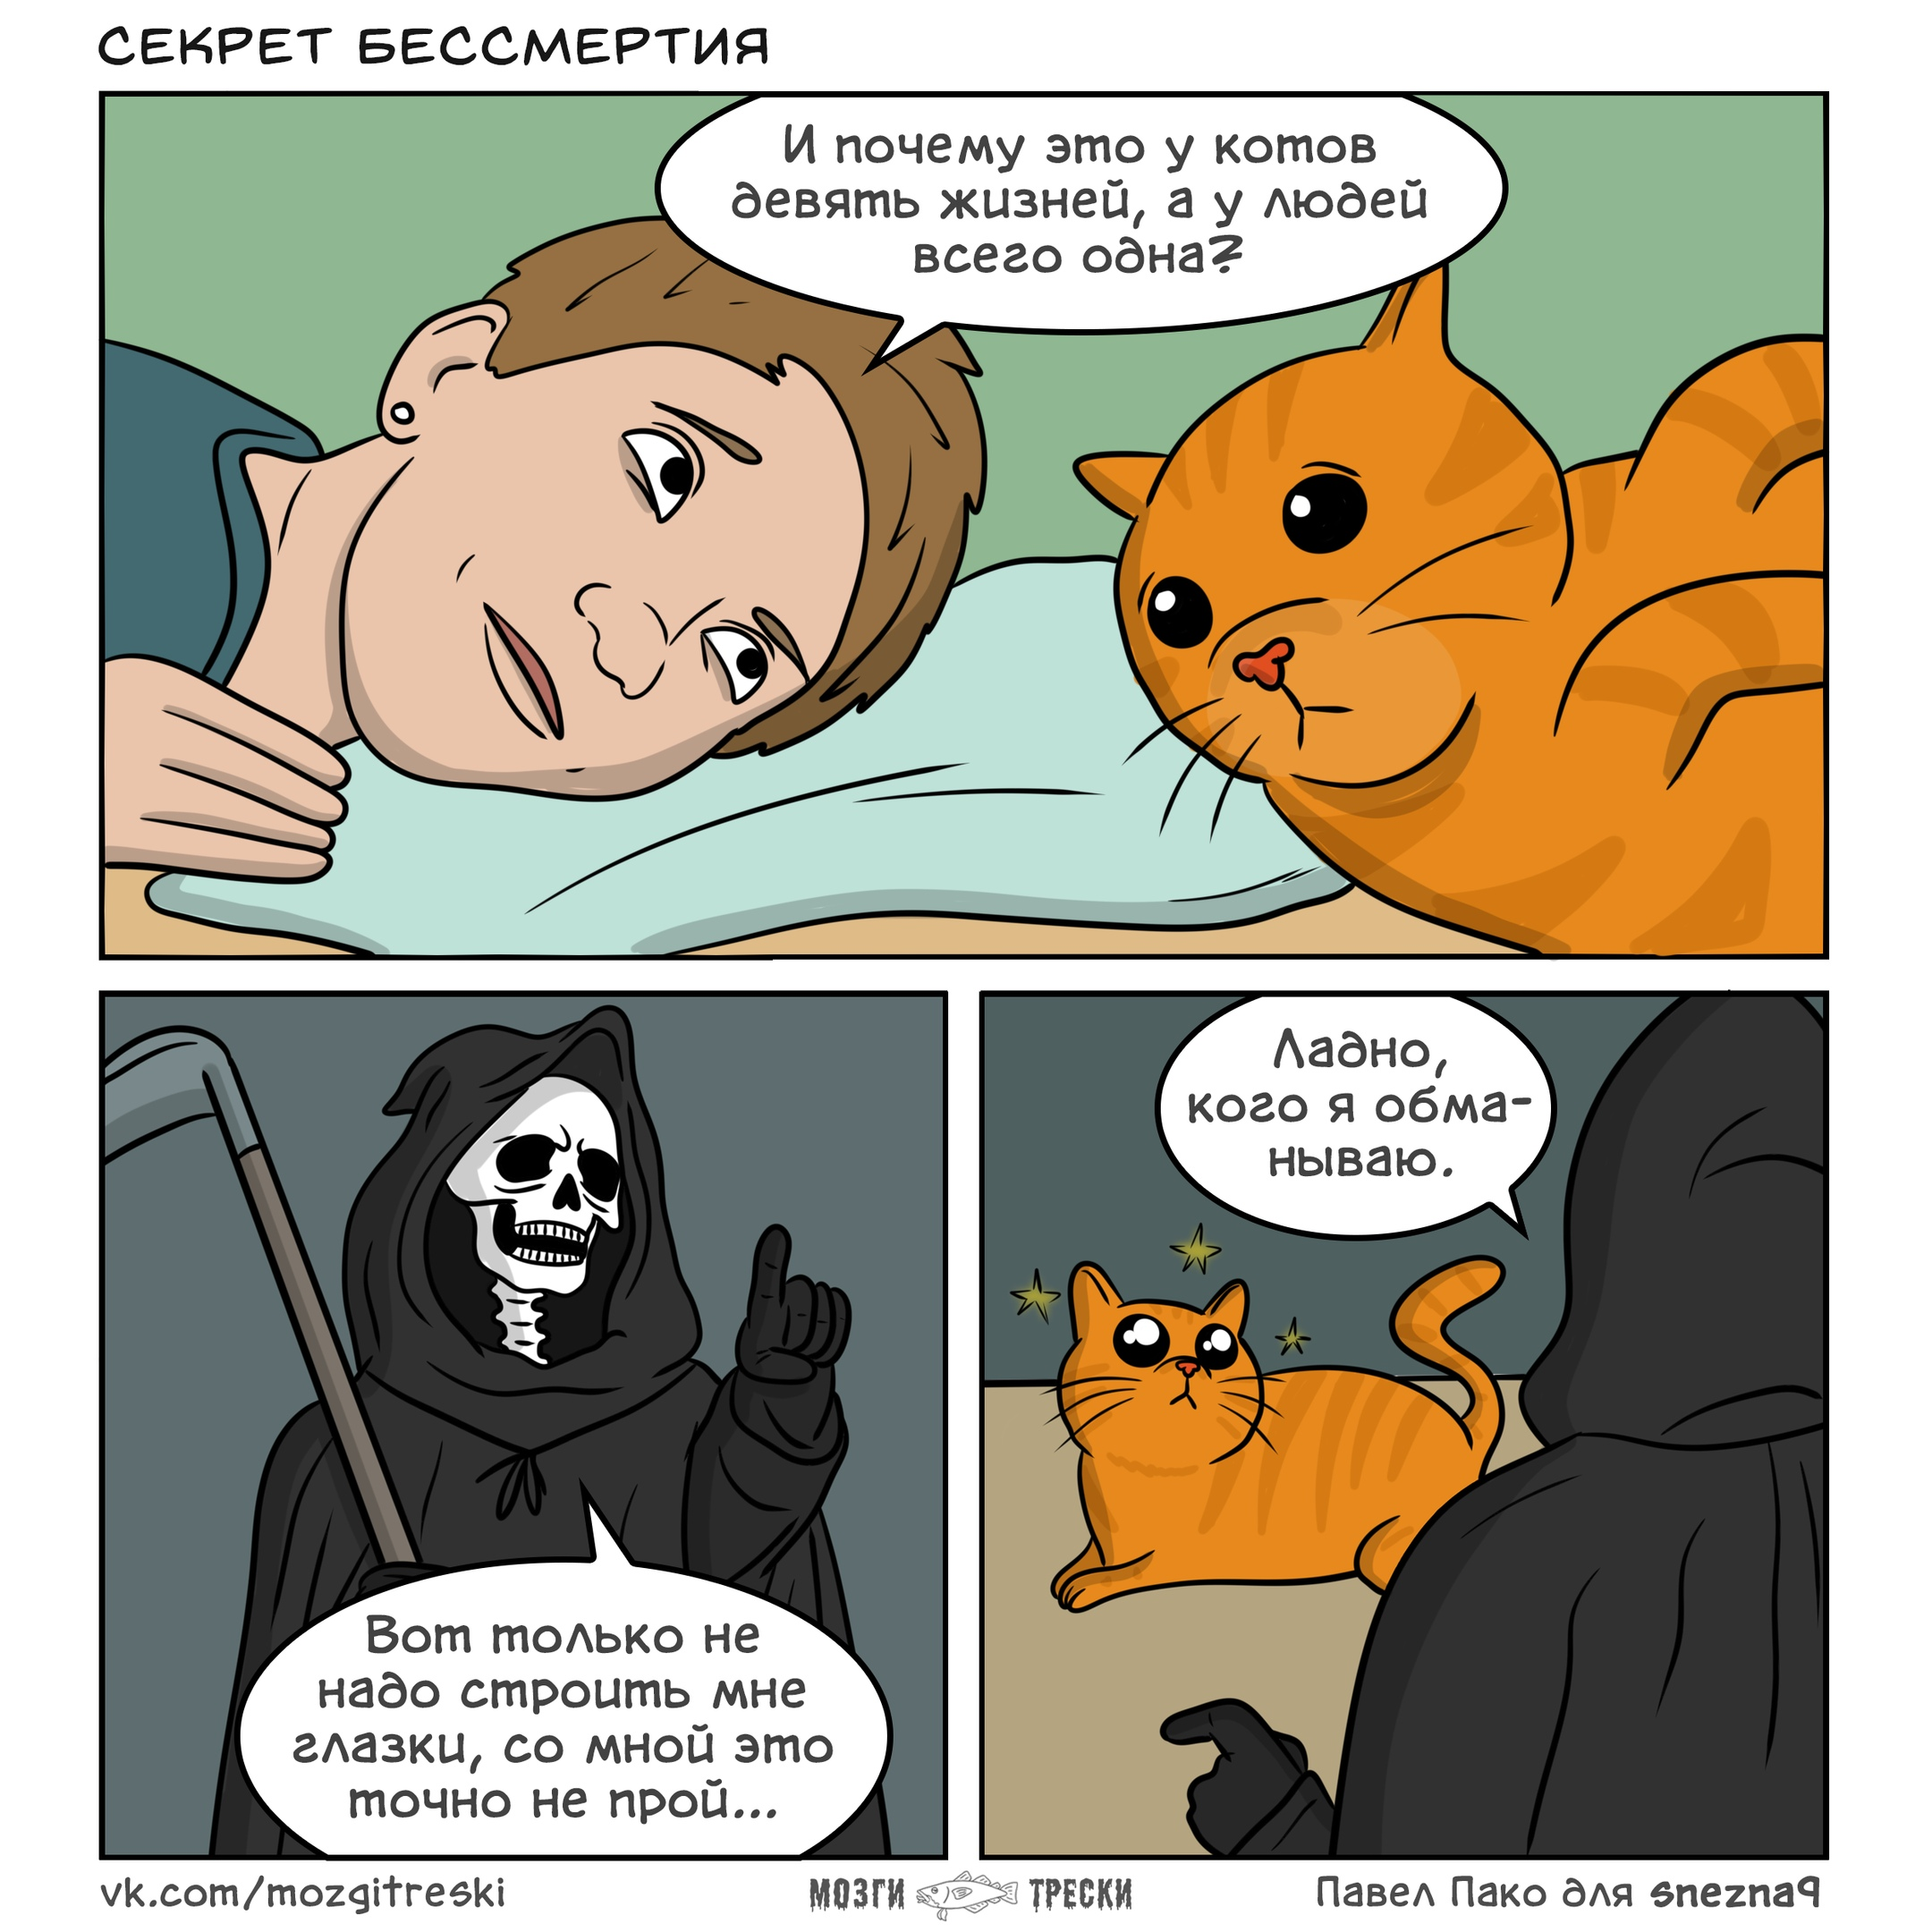 Мозги трески, комиксы, смерть, котэ